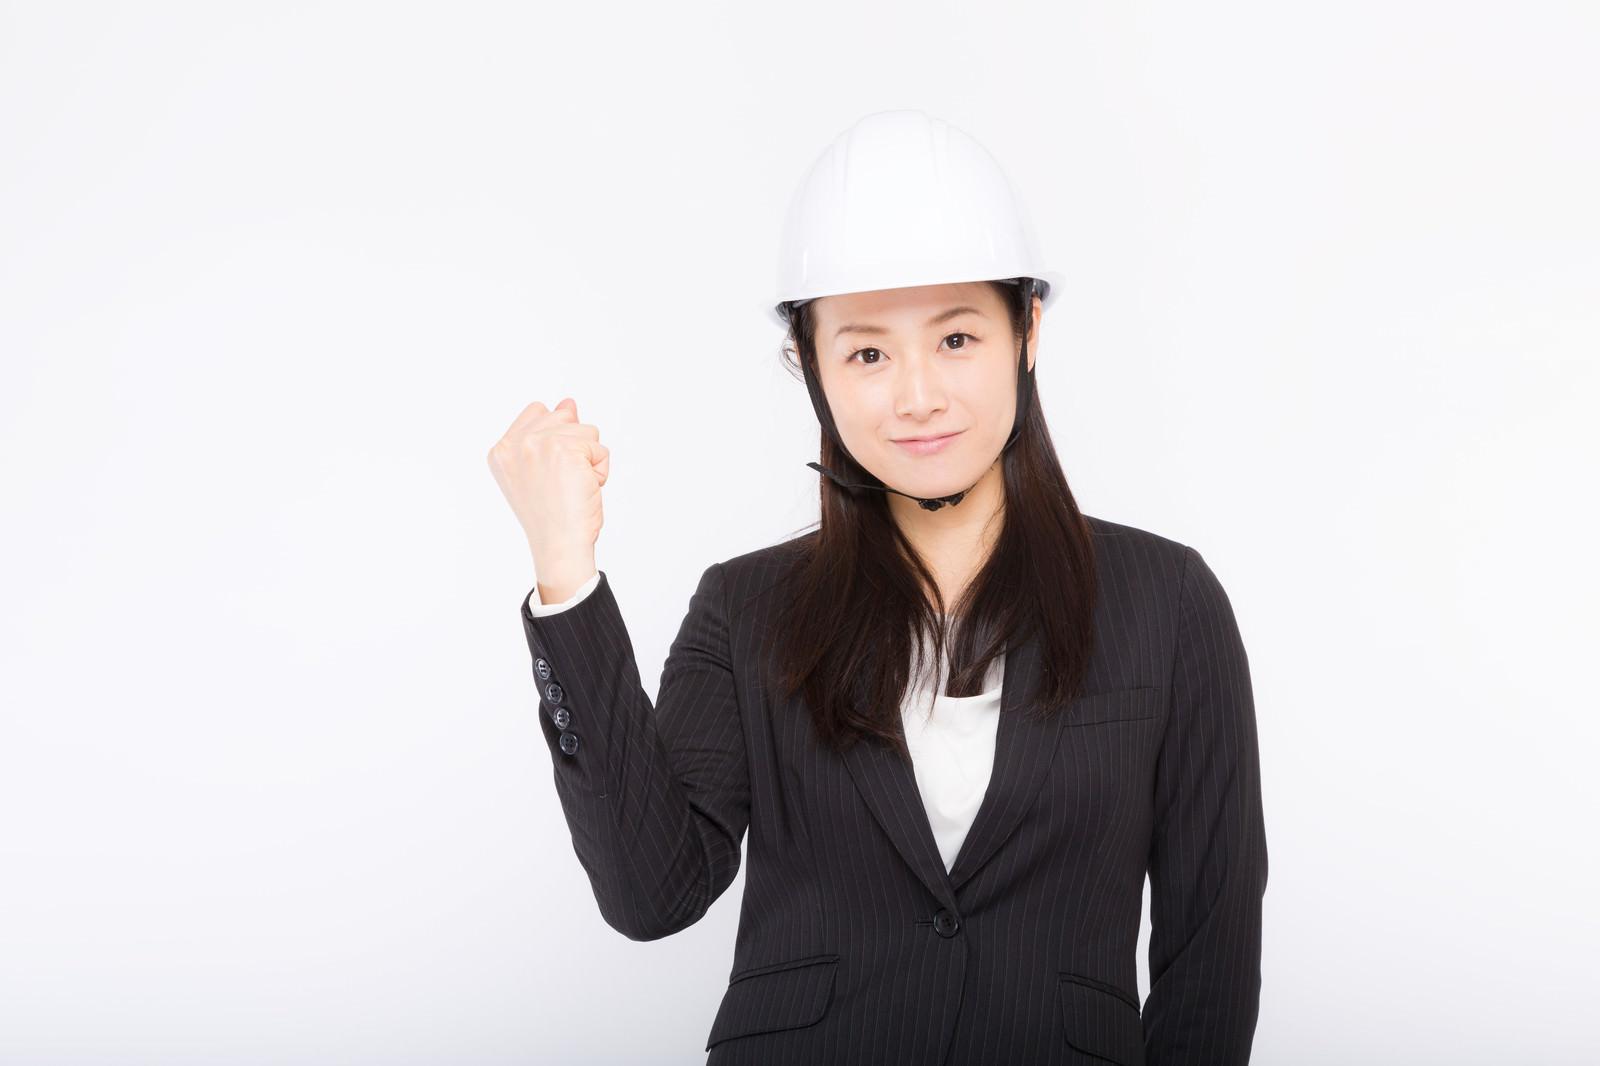 「安全宣言するヘルメットをかぶった女性」の写真[モデル:土本寛子]